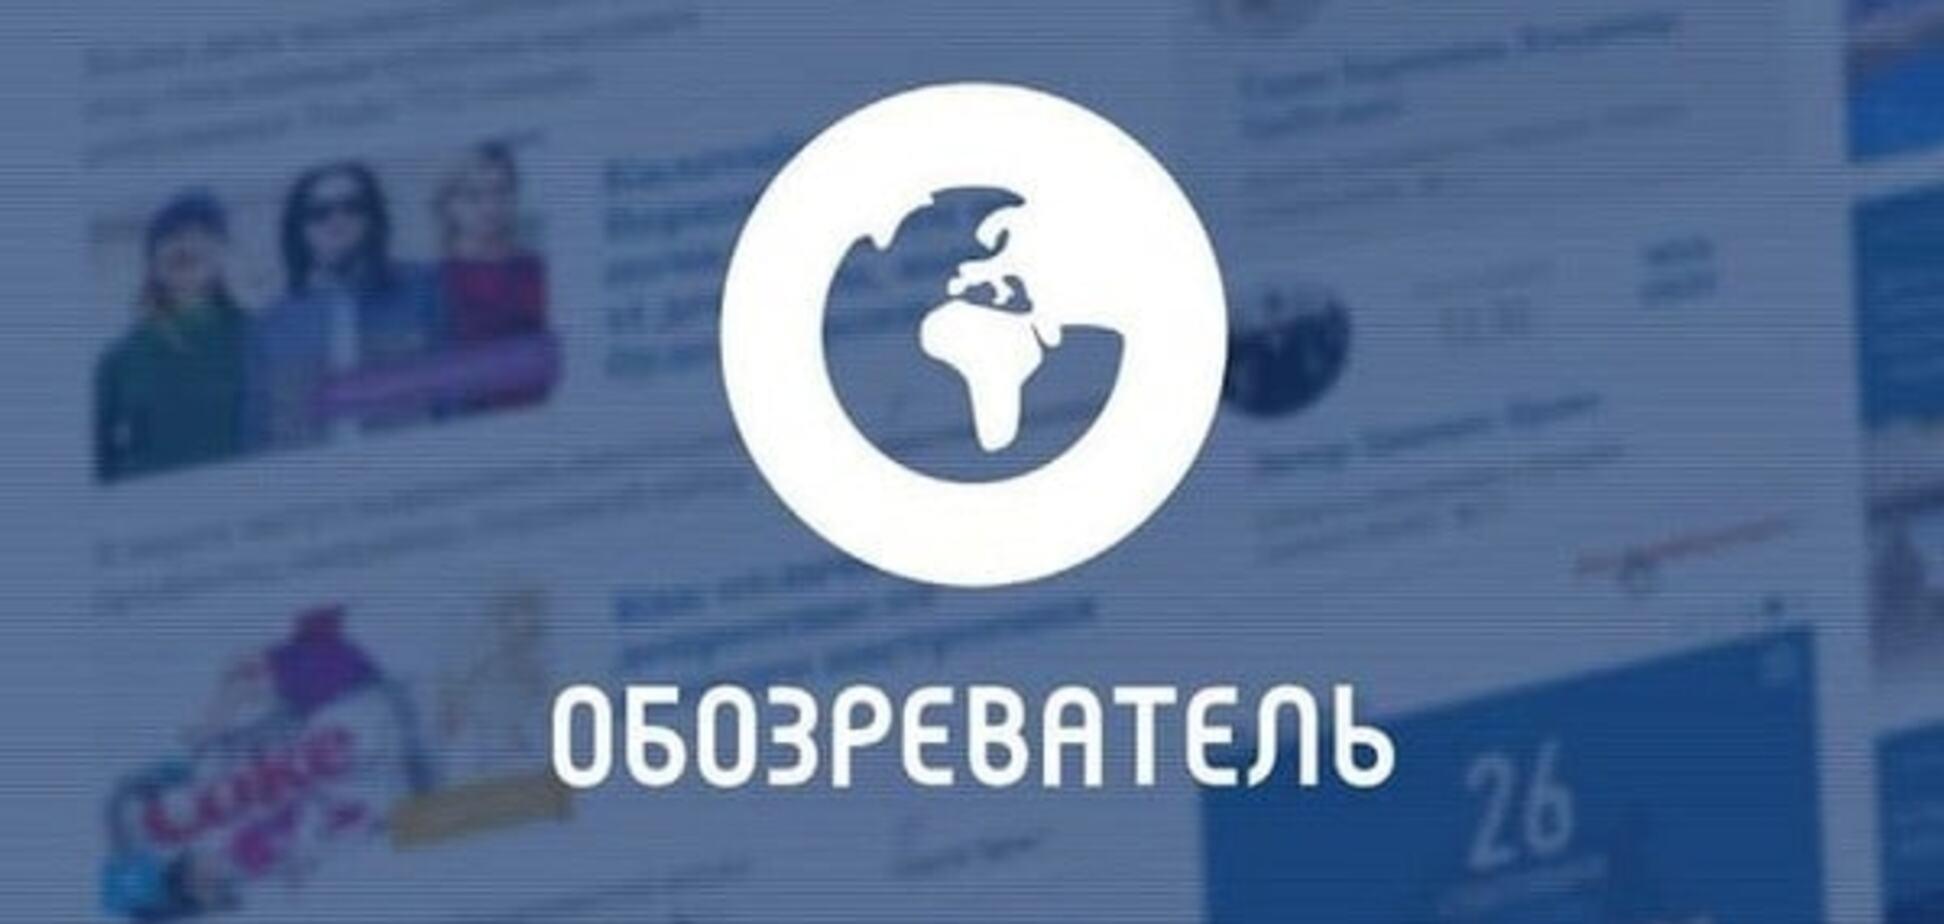 Чем больше конкурентов, тем дешевле кофе в 'Борисполе'